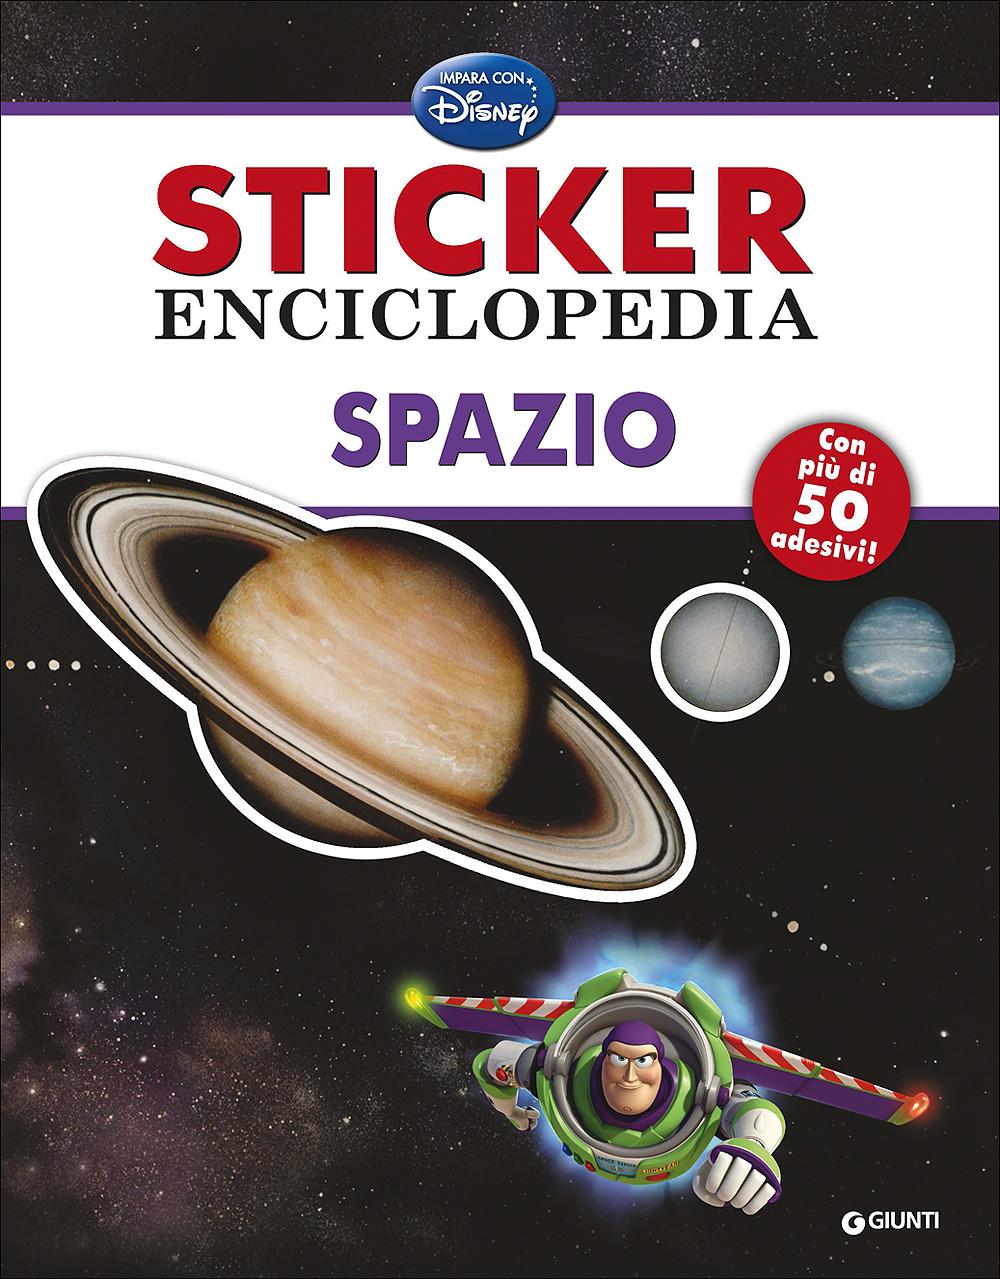 Sticker Enciclopedia - Spazio